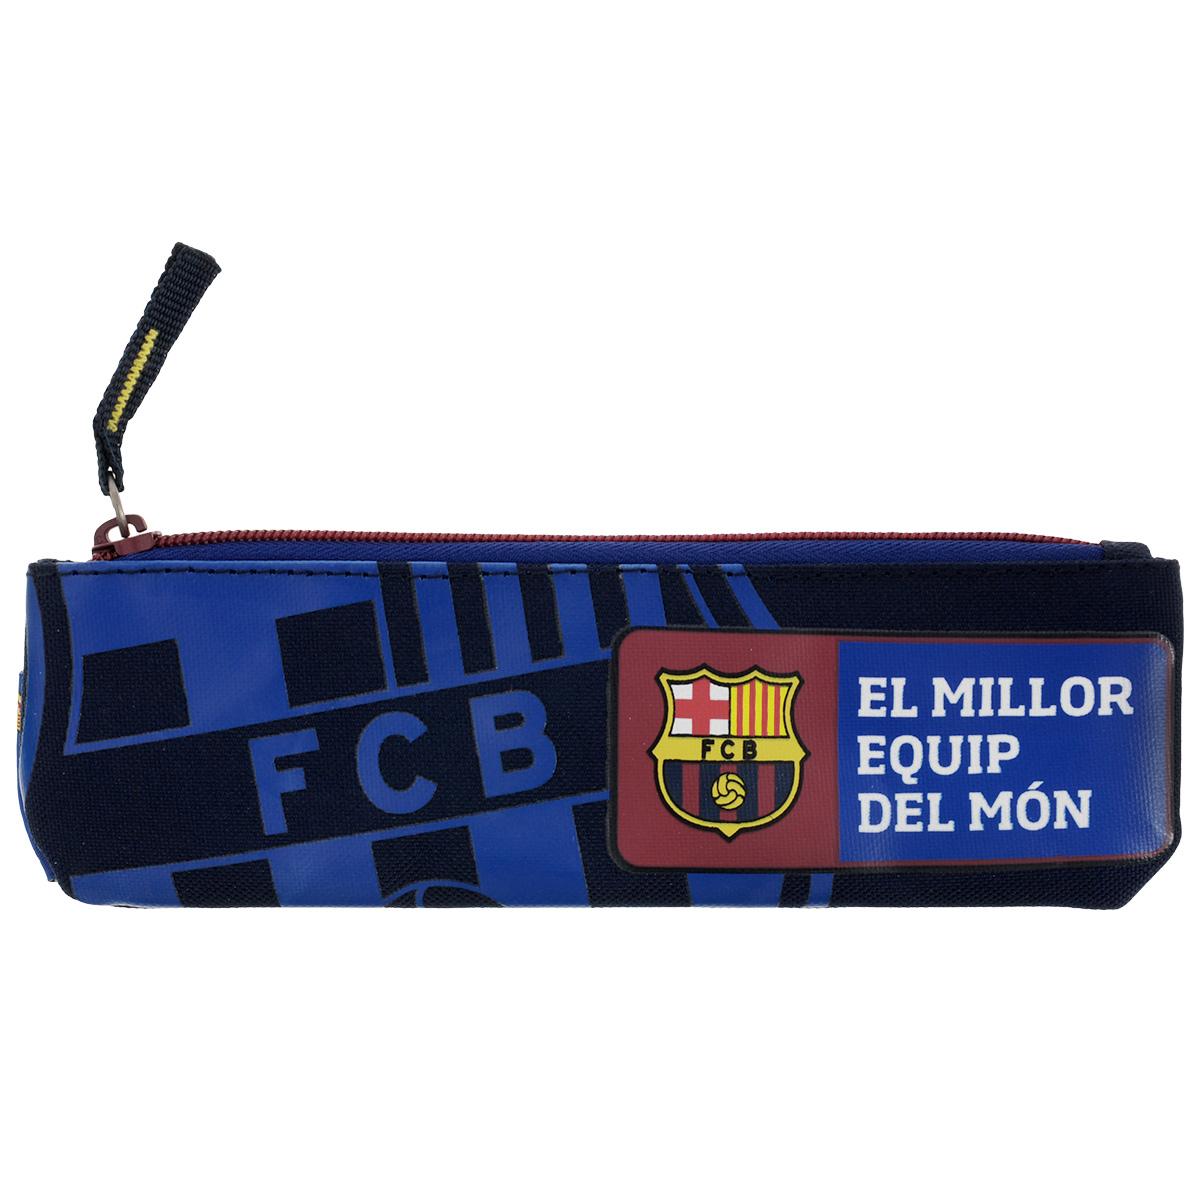 Пенал FC Barcelona, цвет: темно-синий, красный. BNBB-UT1-045BNBB-UT1-045Пенал FC Barcelona станет не только практичным, но и стильным школьным аксессуаром.Пенал выполнен из прочного полиэстера и закрывается на застежку-молнию. Состоит из одного вместительного отделения, в котором без труда поместятся канцелярские принадлежности. Пенал оформлен логотипом бренда FC Barcelona.Такой пенал станет незаменимым помощником для школьника или студента, с ним ручки и карандаши всегда будут под рукой и больше не потеряются и будет приятным продолжением рюкзака и сумки для сменной обуви FC Barcelona.